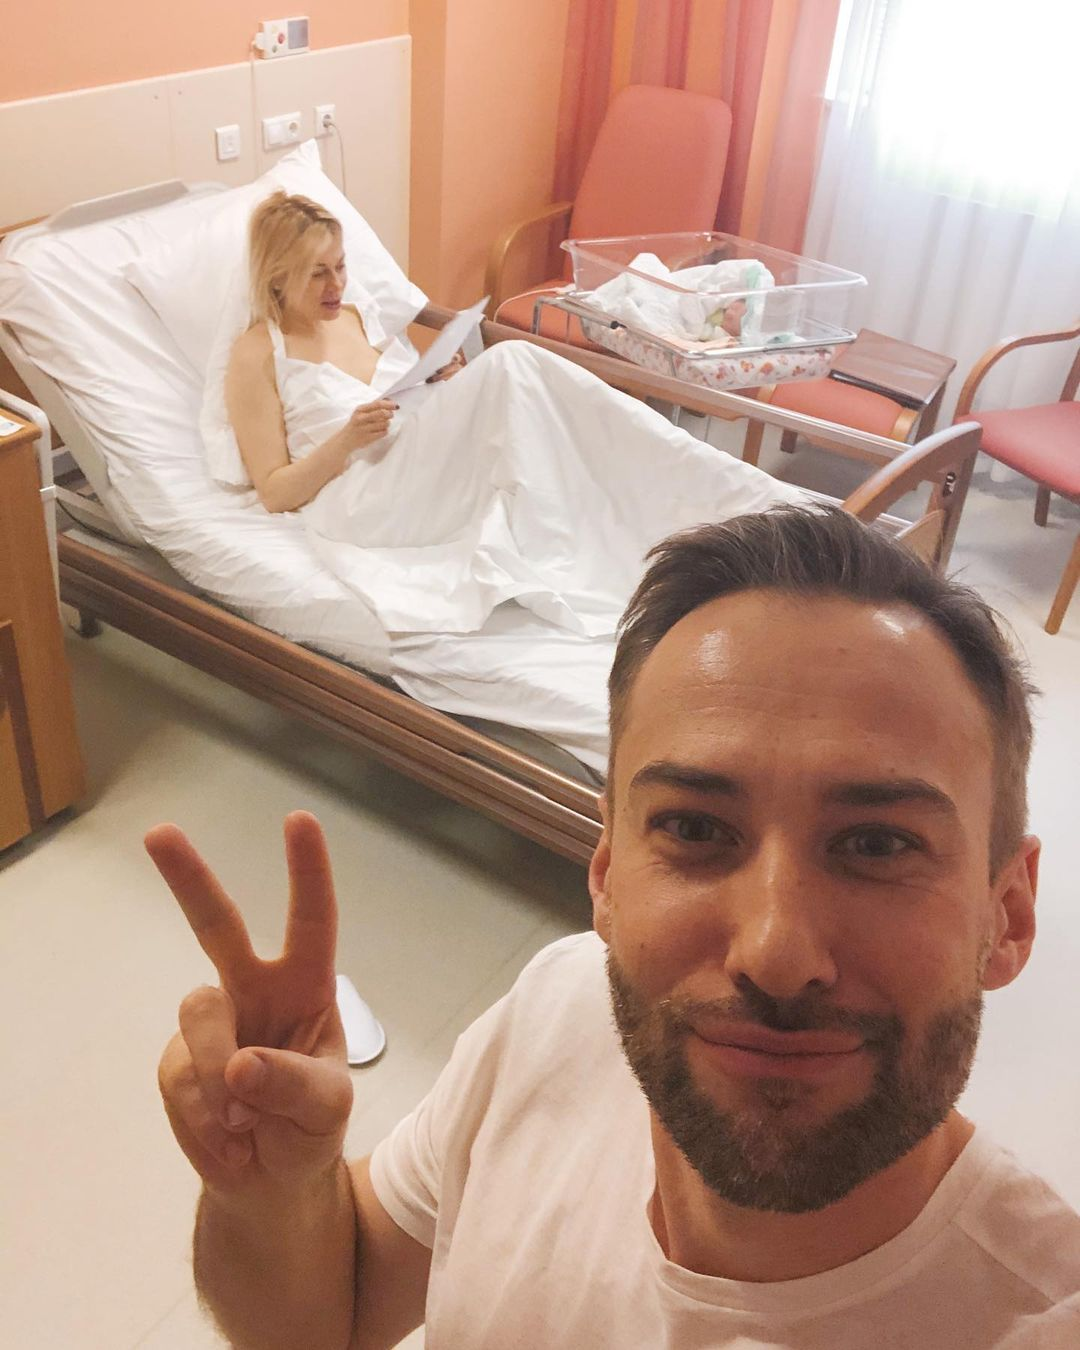 Дмитрий Шепелев потратил на роды своей жены почти миллион рублей